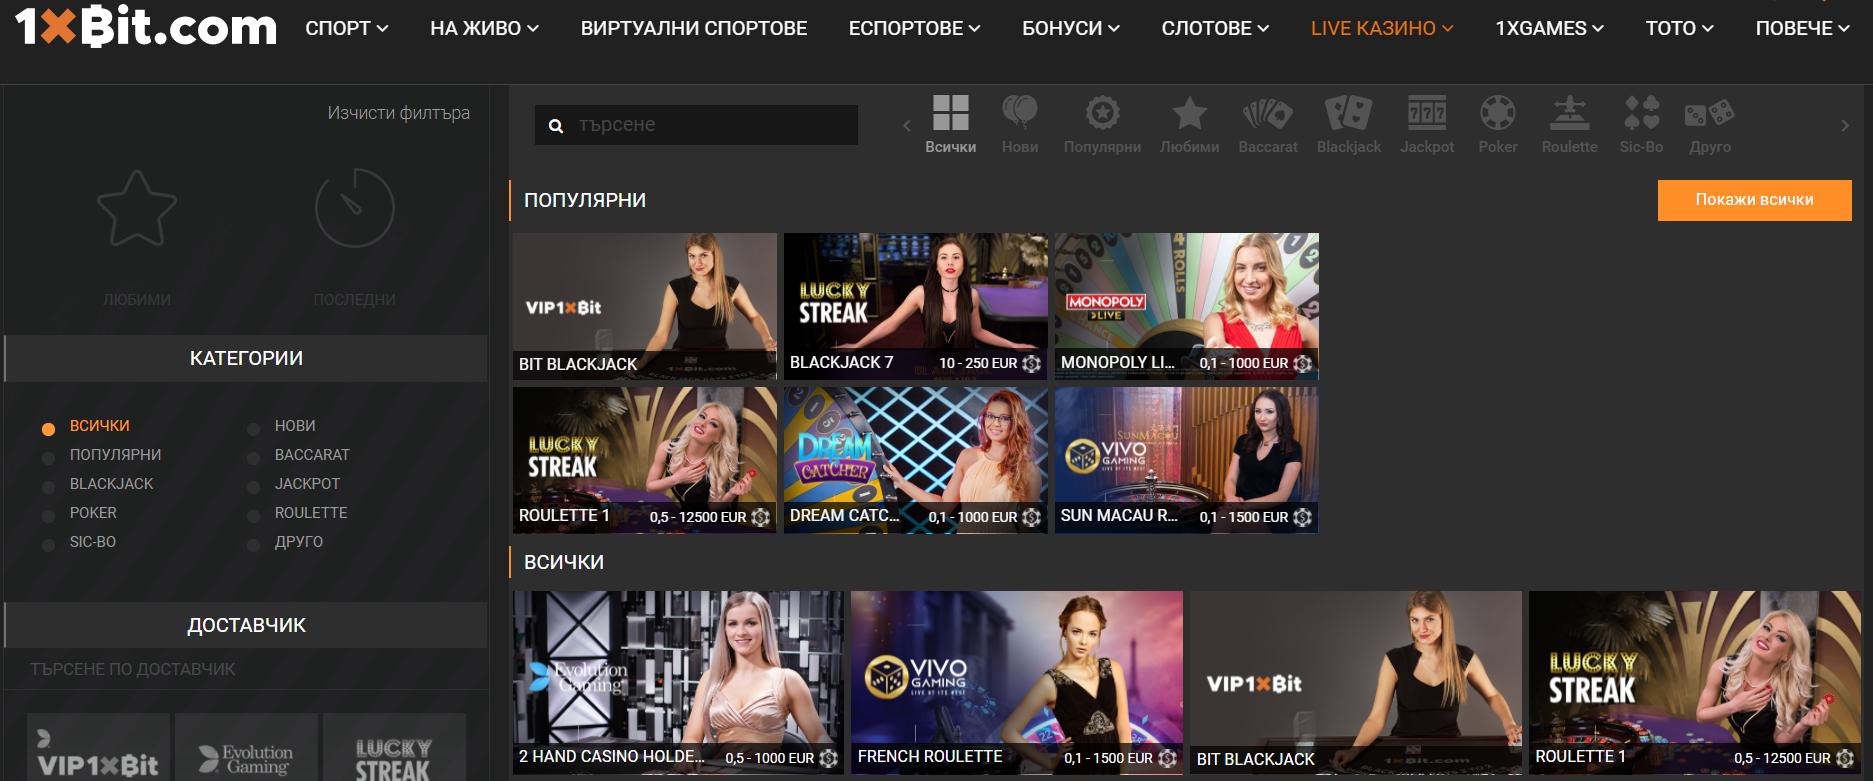 1xbit live kazino-komarbet.com